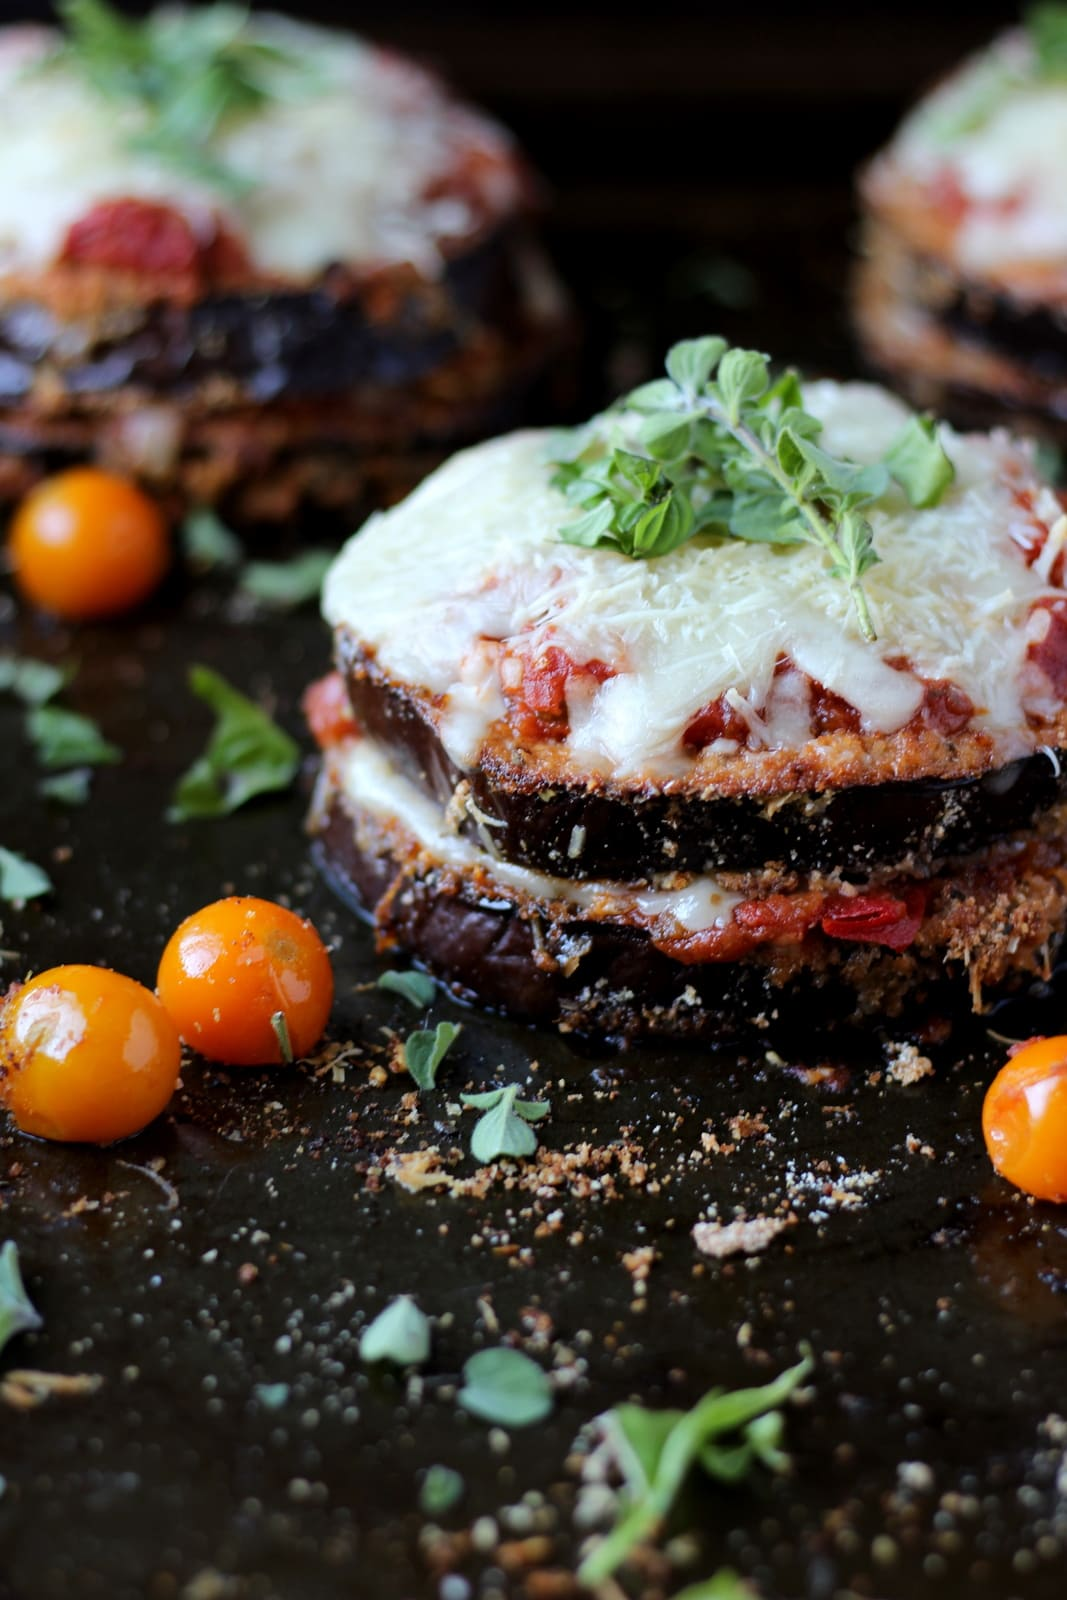 Baked Eggplant Parmesan - thewoodenskillet.com #dinner #entree #meatless